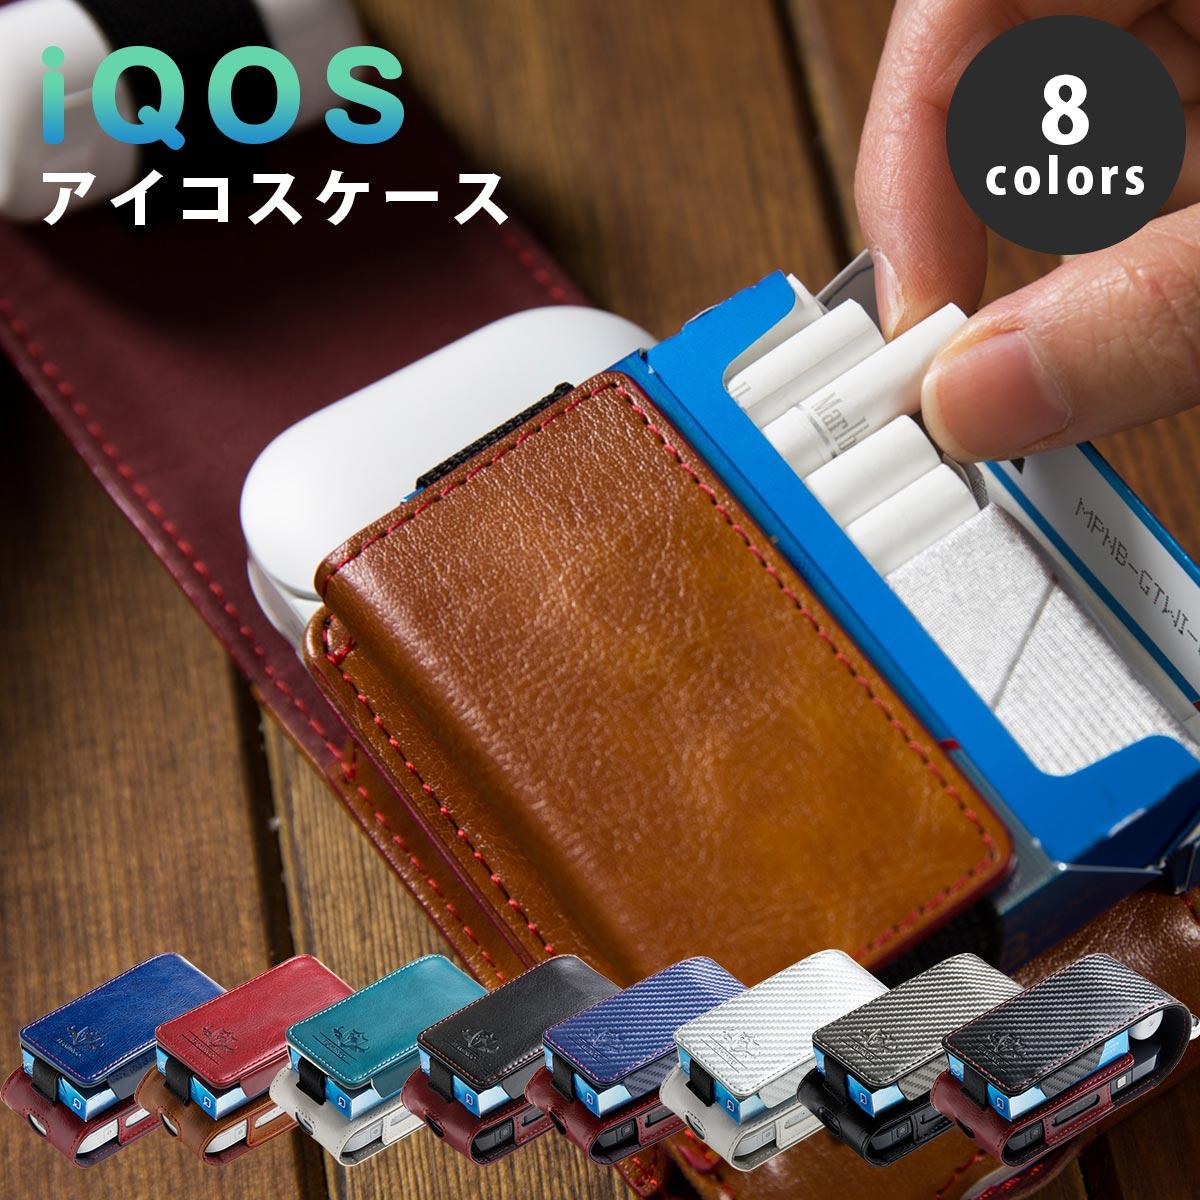 アイコス iqos ケース iqos 2.4 plus カバー 革 収納 アイコスケース コンパクト 電子タバコ ナチュラルデザイン NATURAL design FLAMINGO